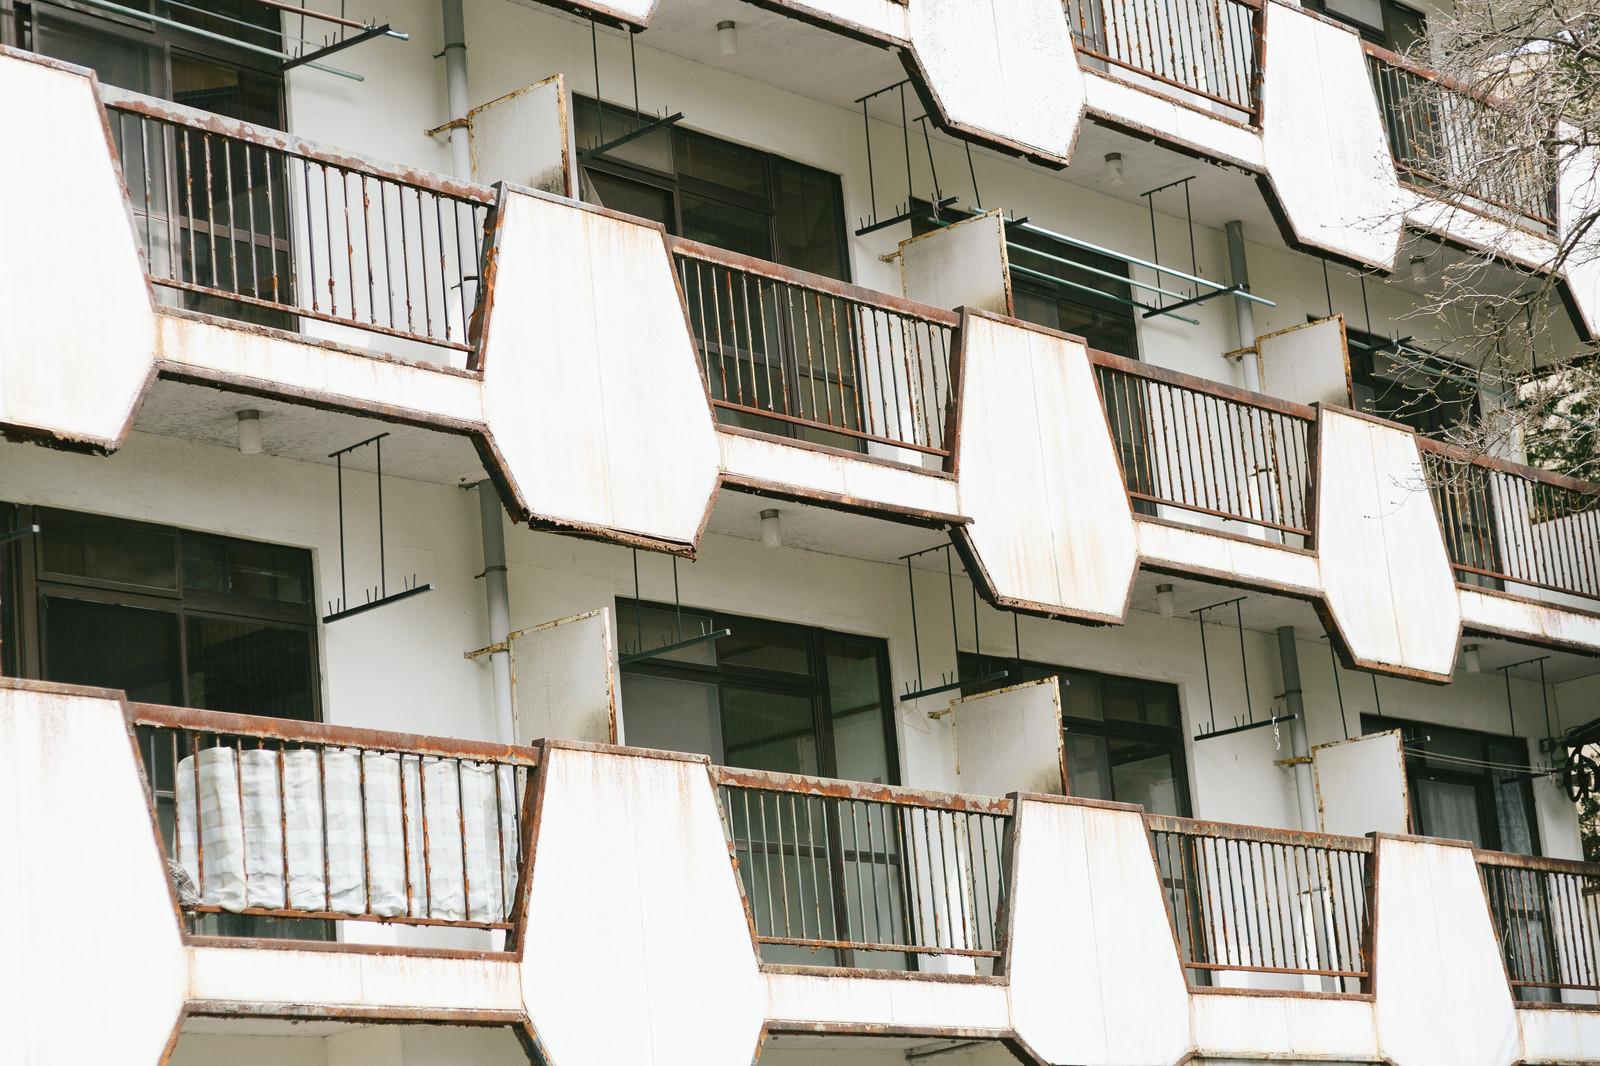 築年数が古い(築古)マンションを上手に売る方法!築30年・40年でも資産価値をなるべく下げないコツは?